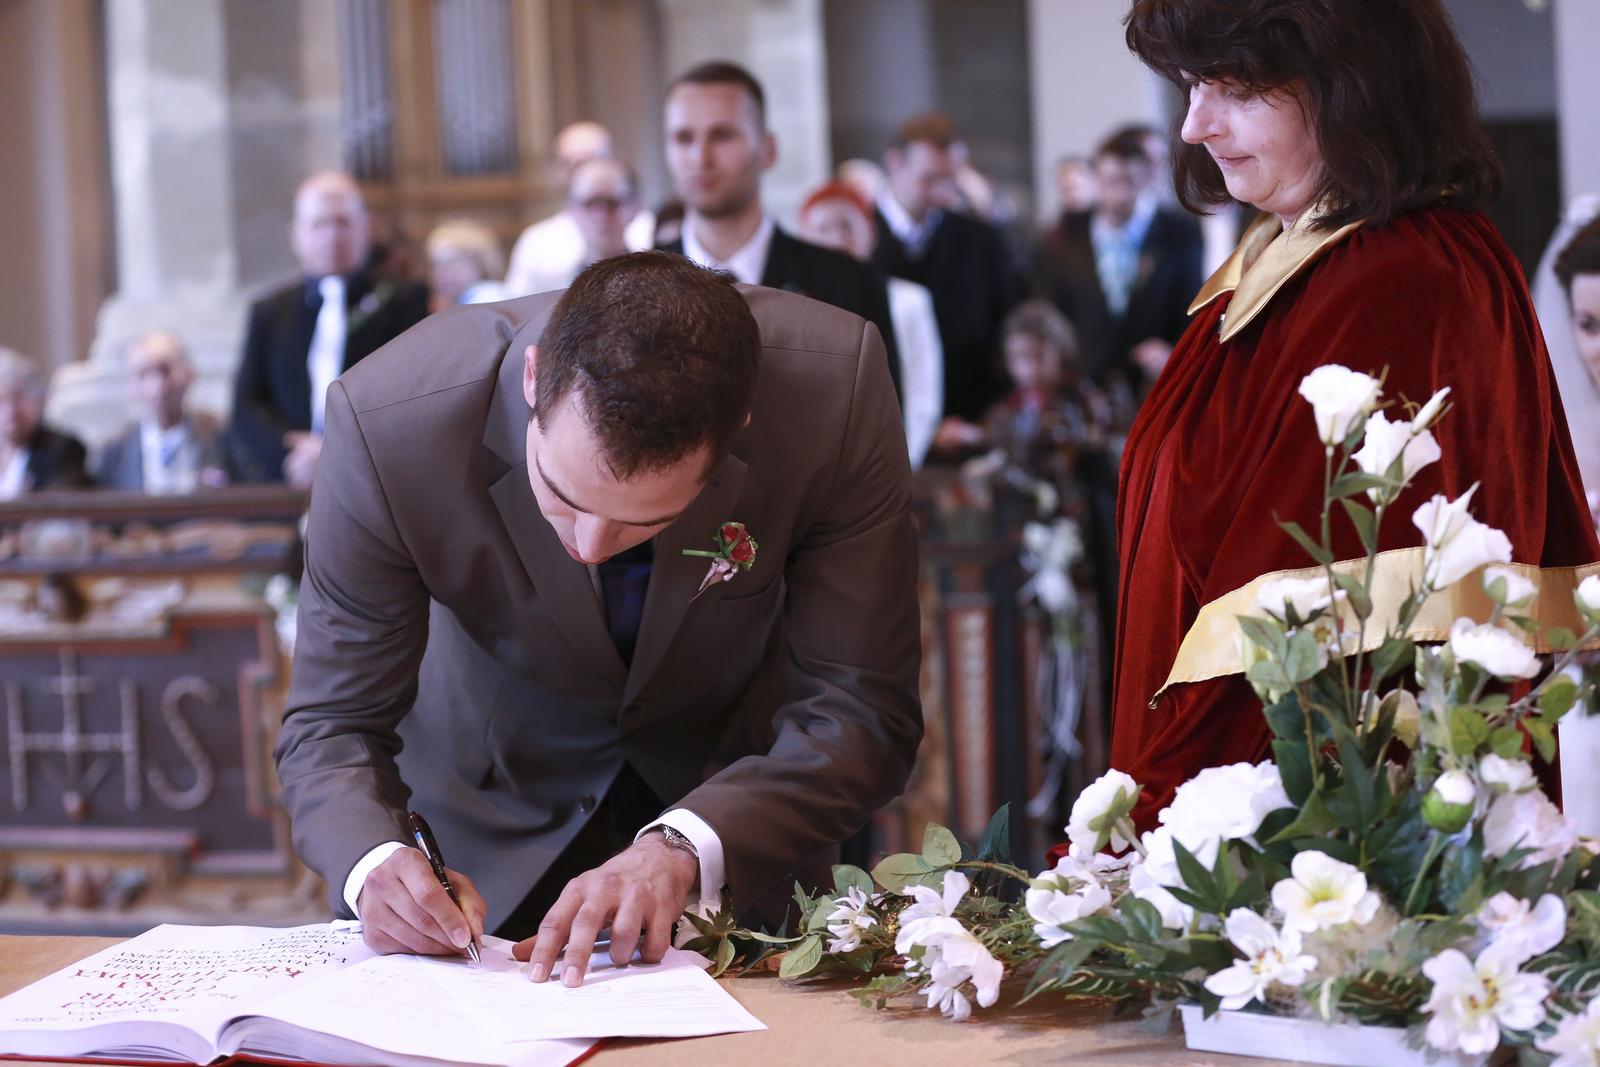 Elena{{_AND_}}Ondrej - Lubo sa takmer podpísal namiesto starostu :D